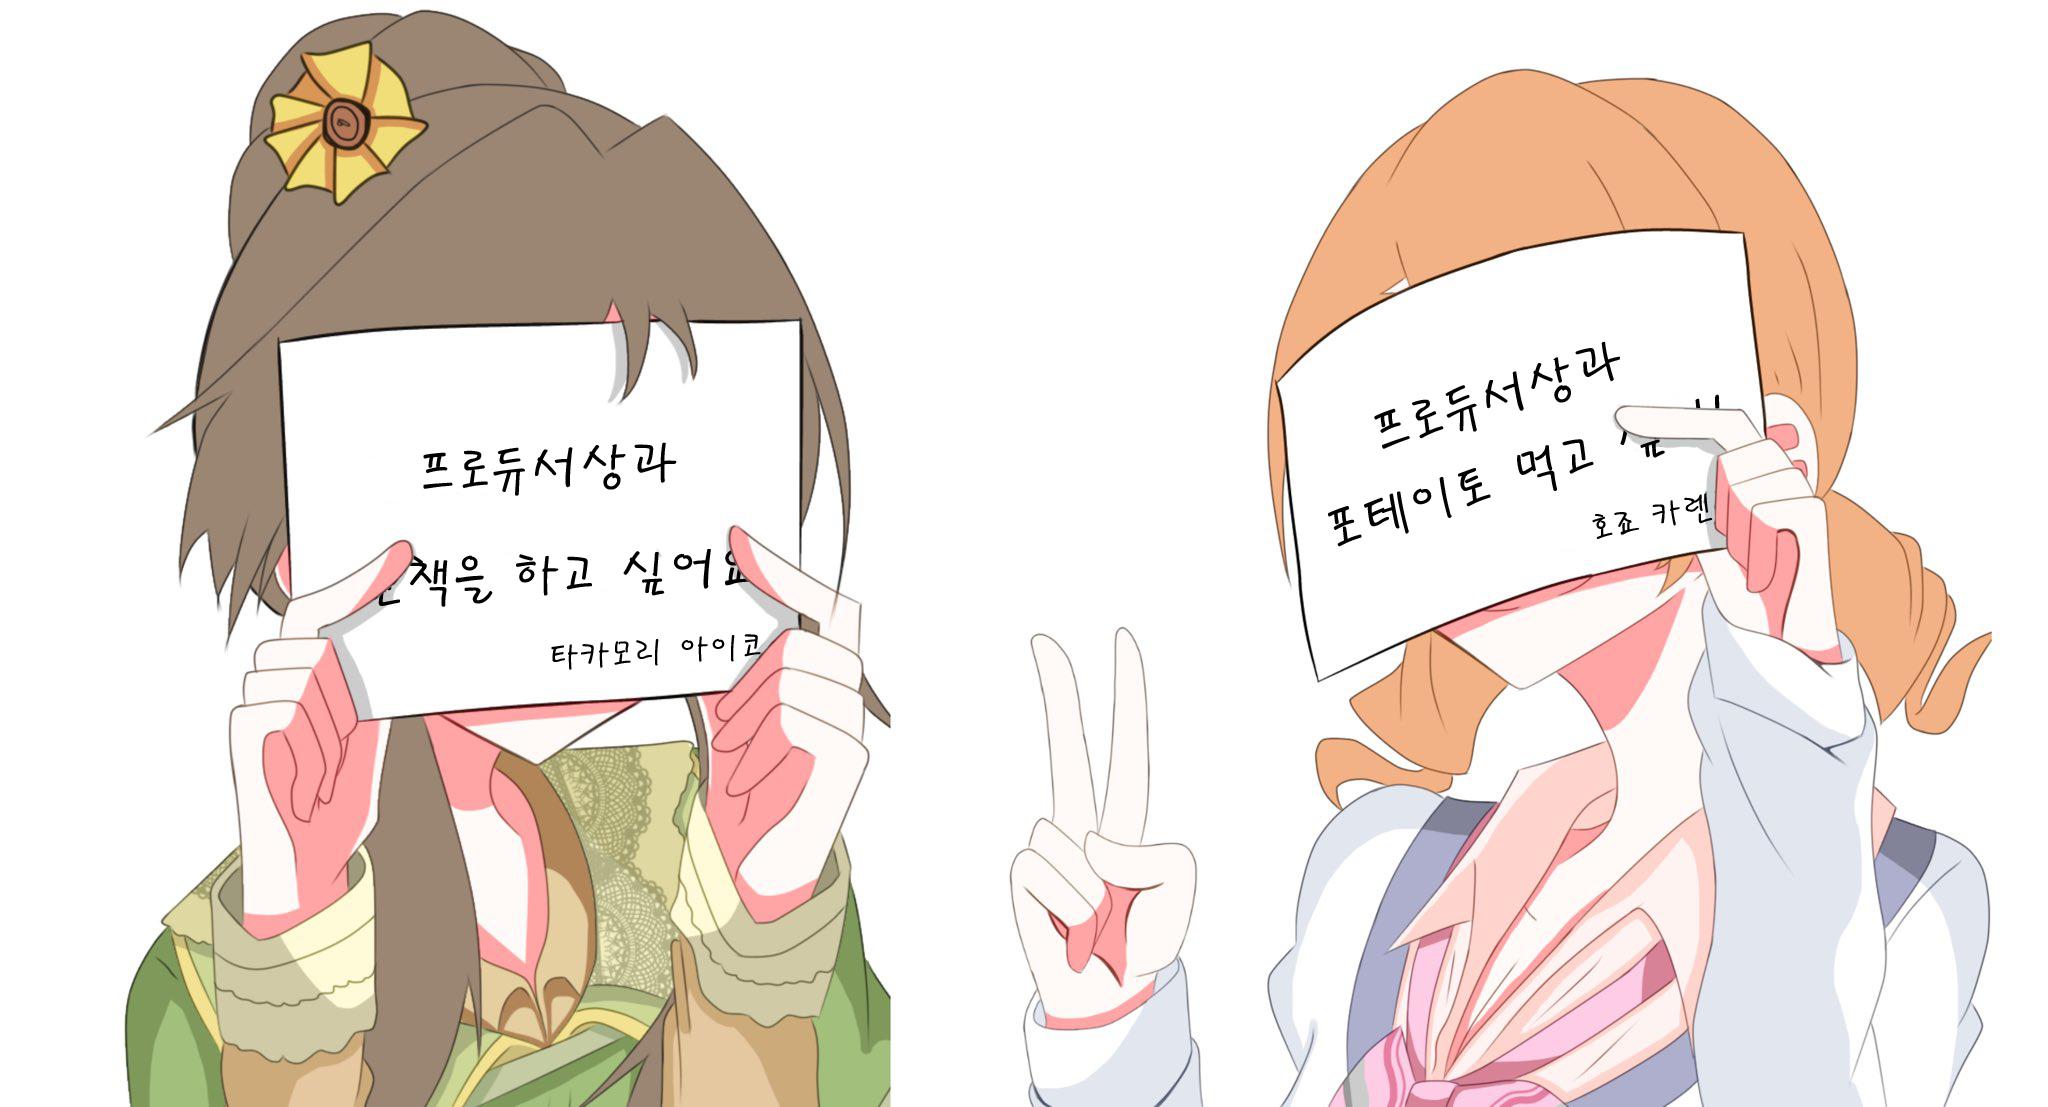 [신데]아이코와 카렌의 바람